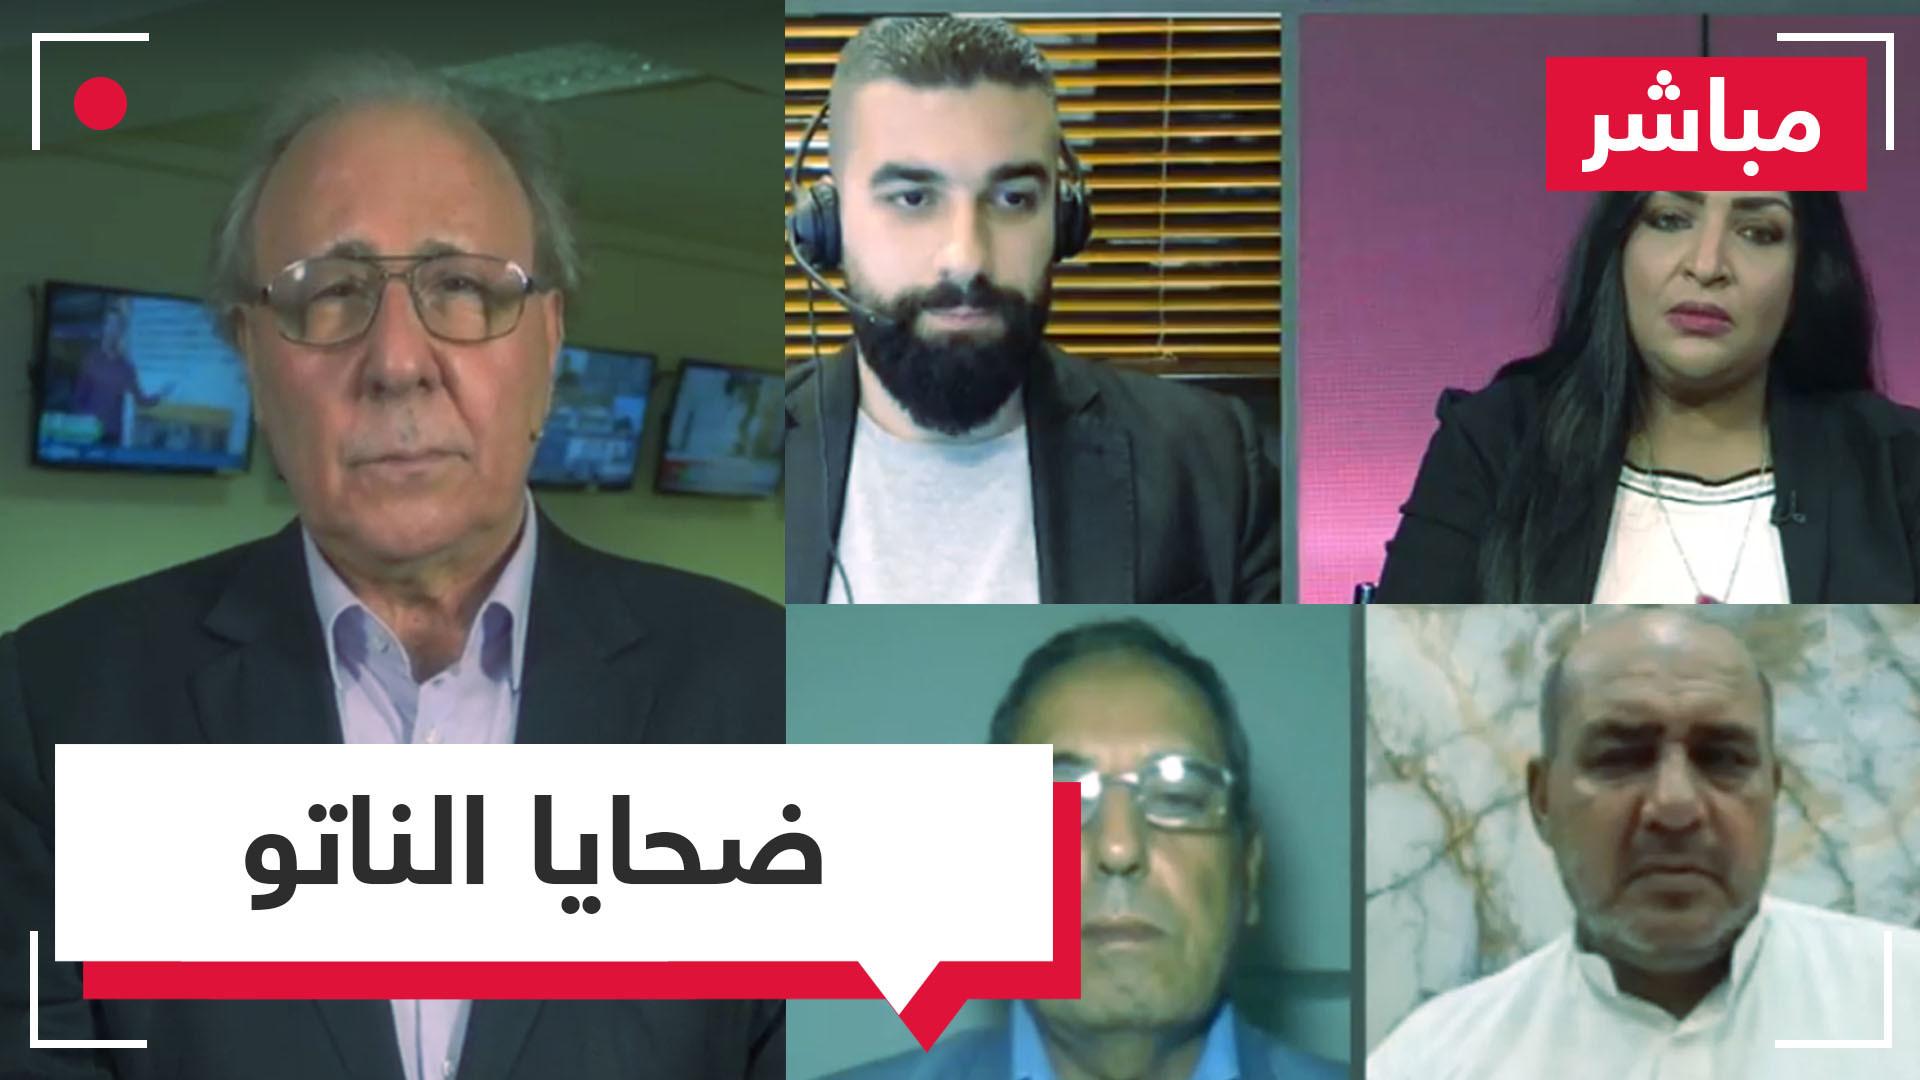 شهادات مثيرة ومؤلمة.. ضحايا لحربي العراق وليبيا يتحدثون على RT مباشرة!